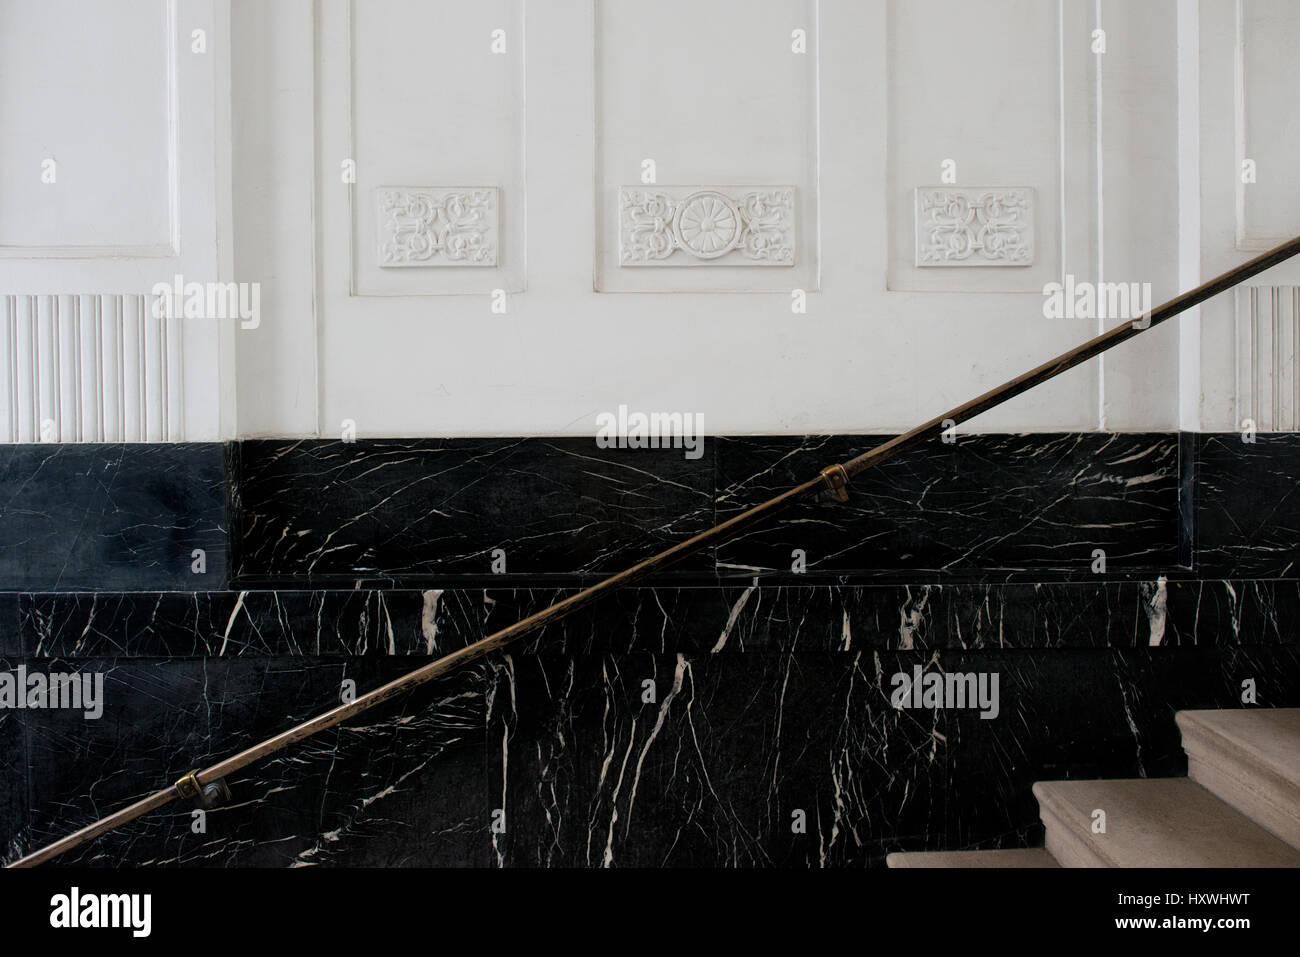 Treppenhaus mit schwarzer Marmorverkleidung, Treppengeländer aus Messing und Stukkaturen in Wien, Österreich - Stock Image